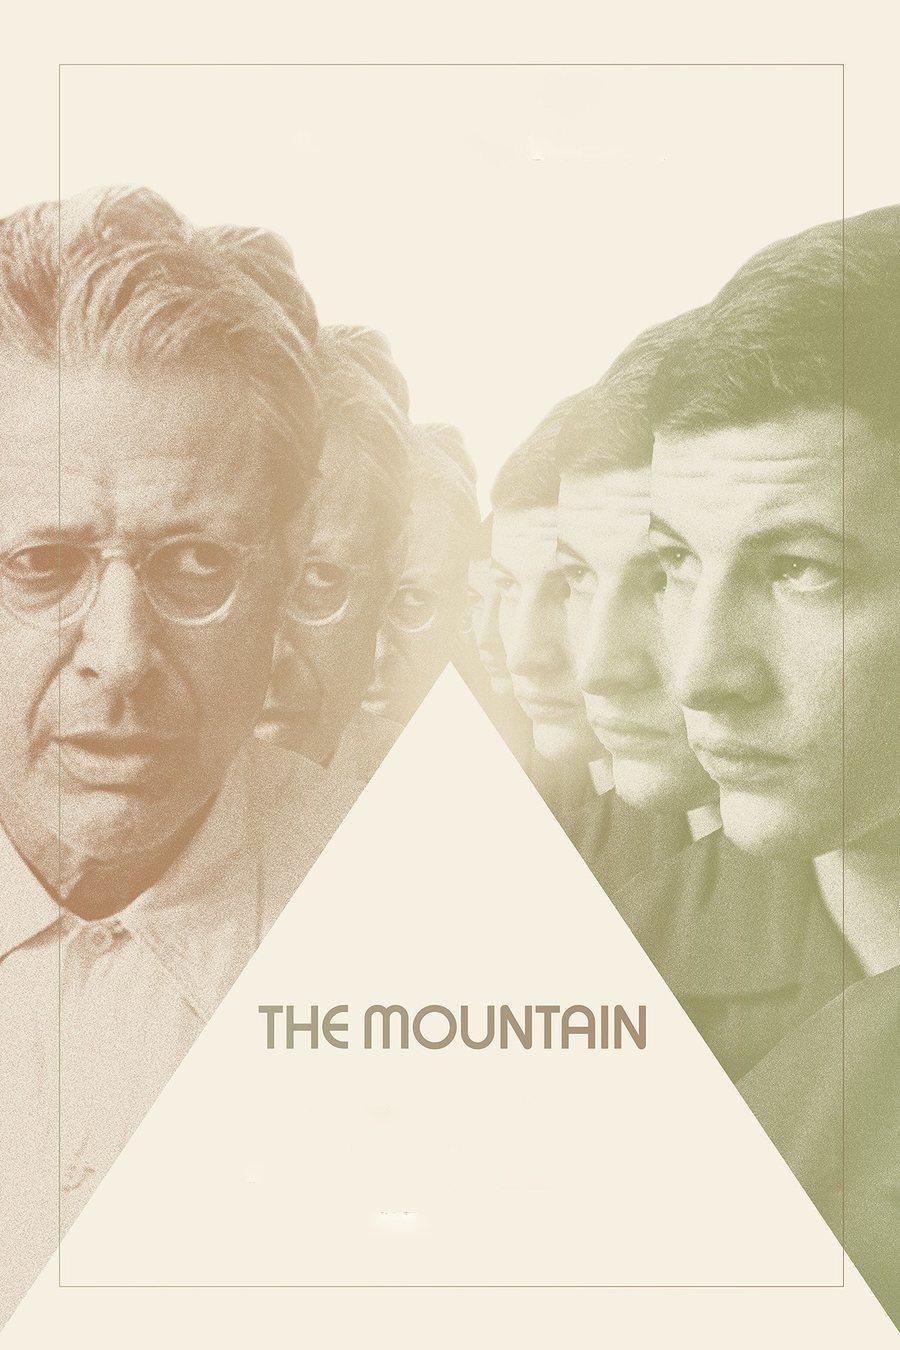 Cartel The mountain de 'The Mountain'